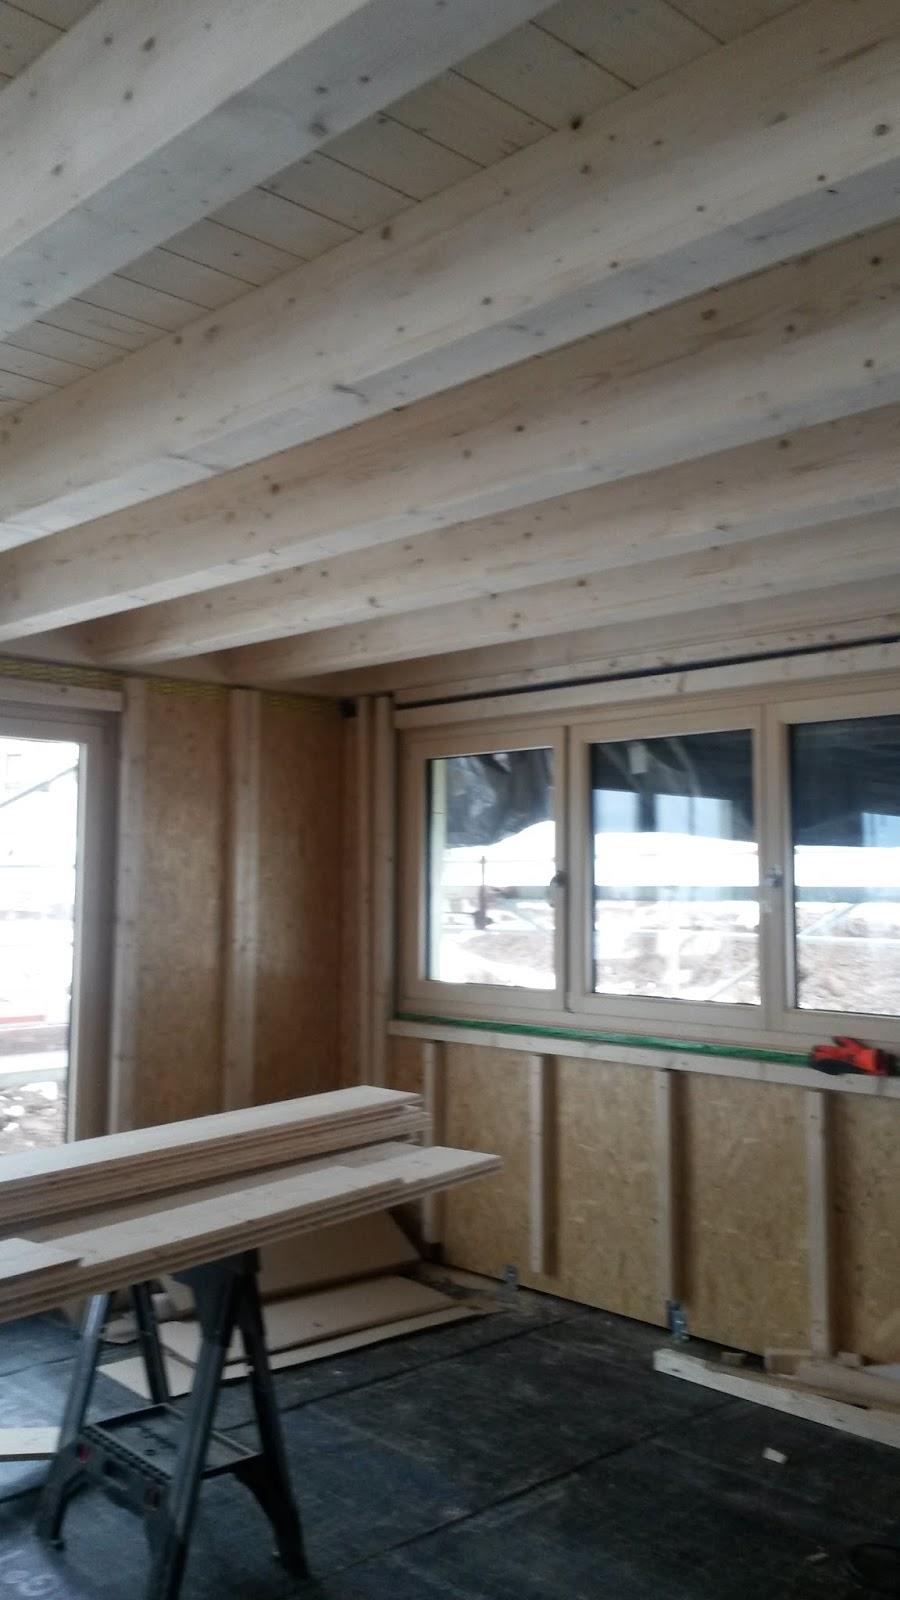 Jenny Und Lars Bauen Ein Haus Gegen Schneeschippen Im Wohnzimmer